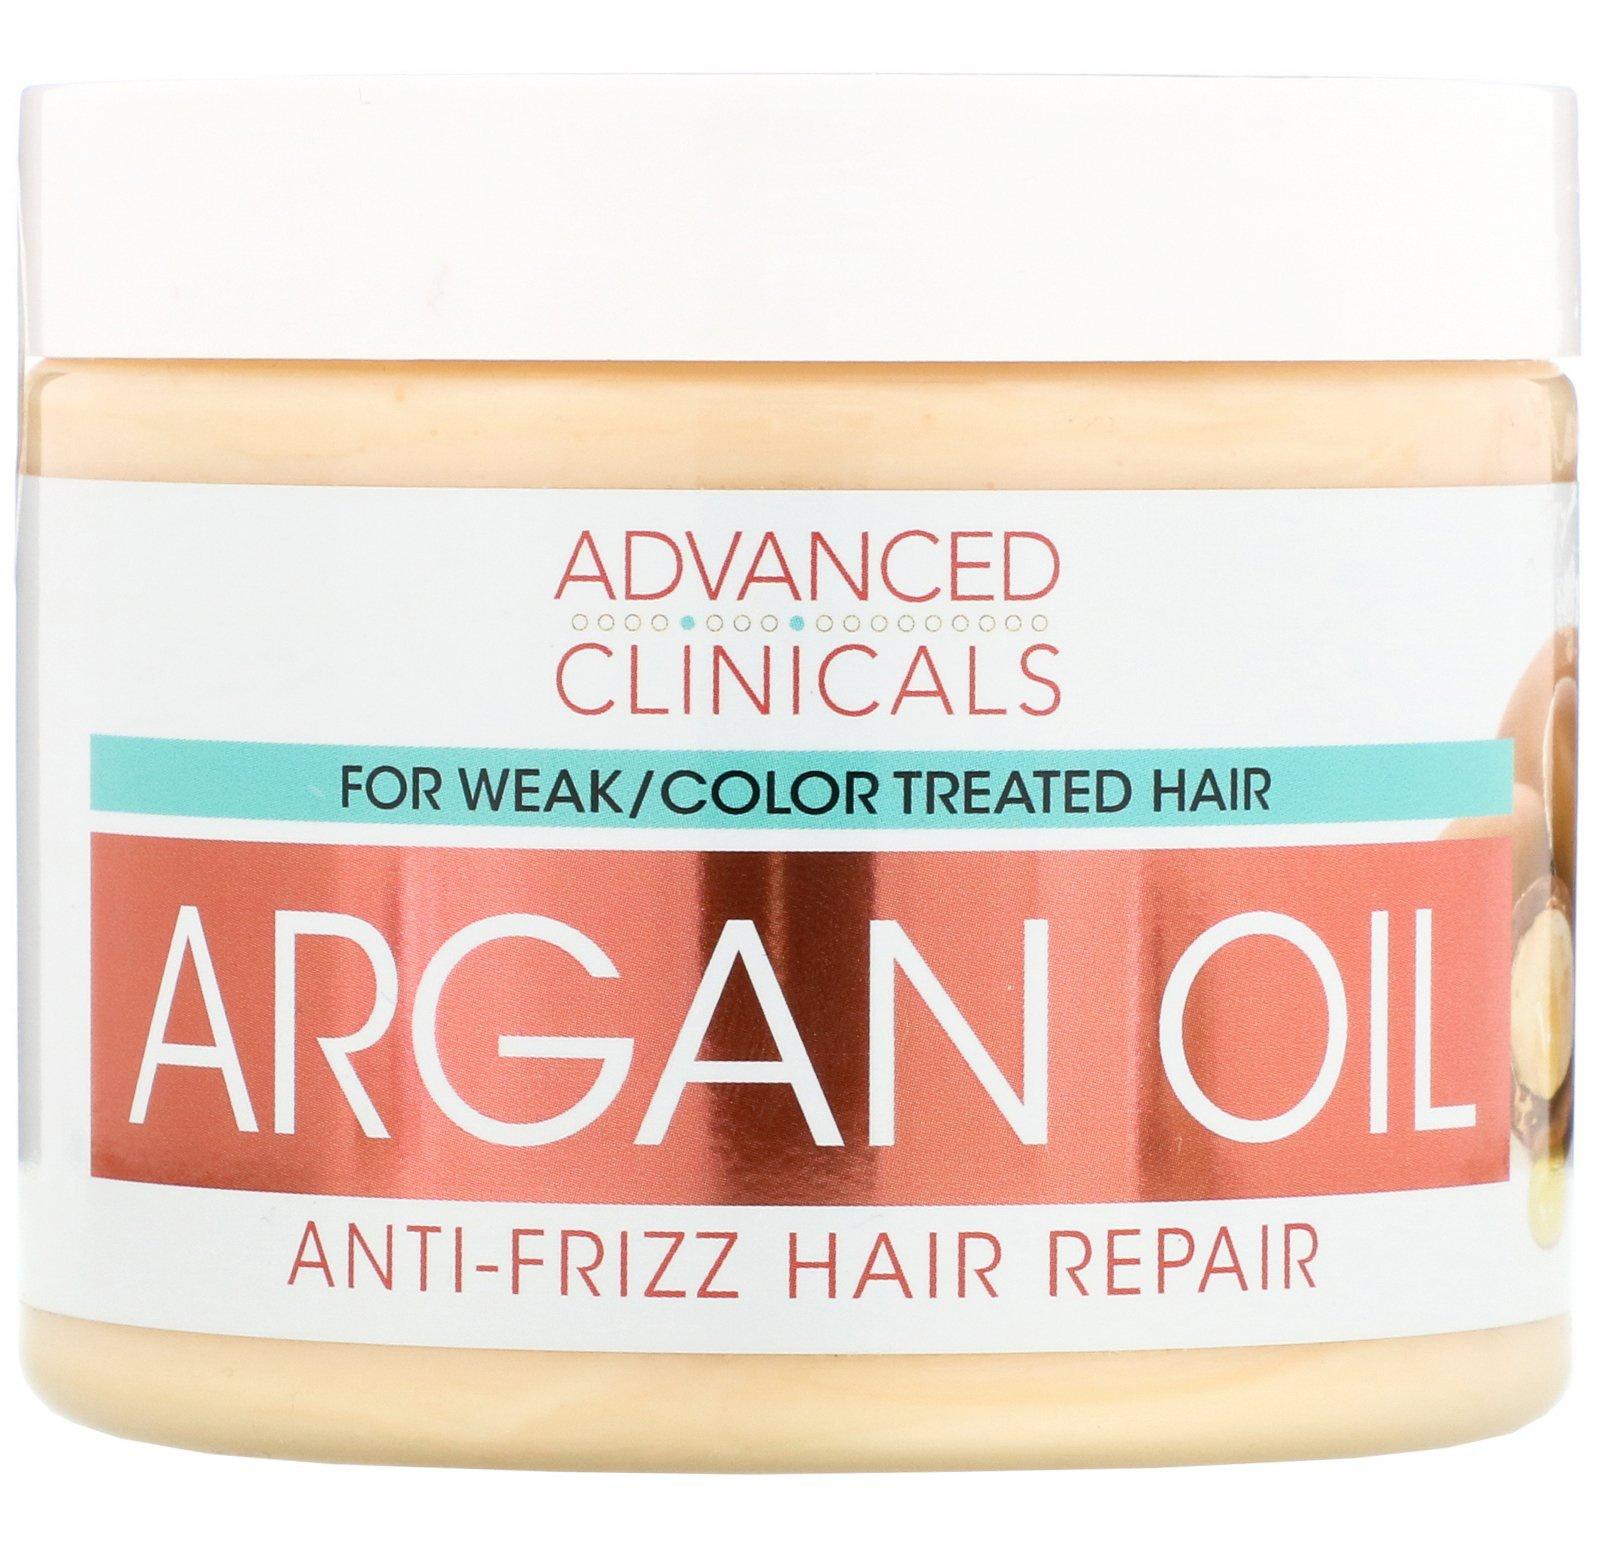 Advanced Clinicals Argan Oil, Anti-Frizz Hair Repair